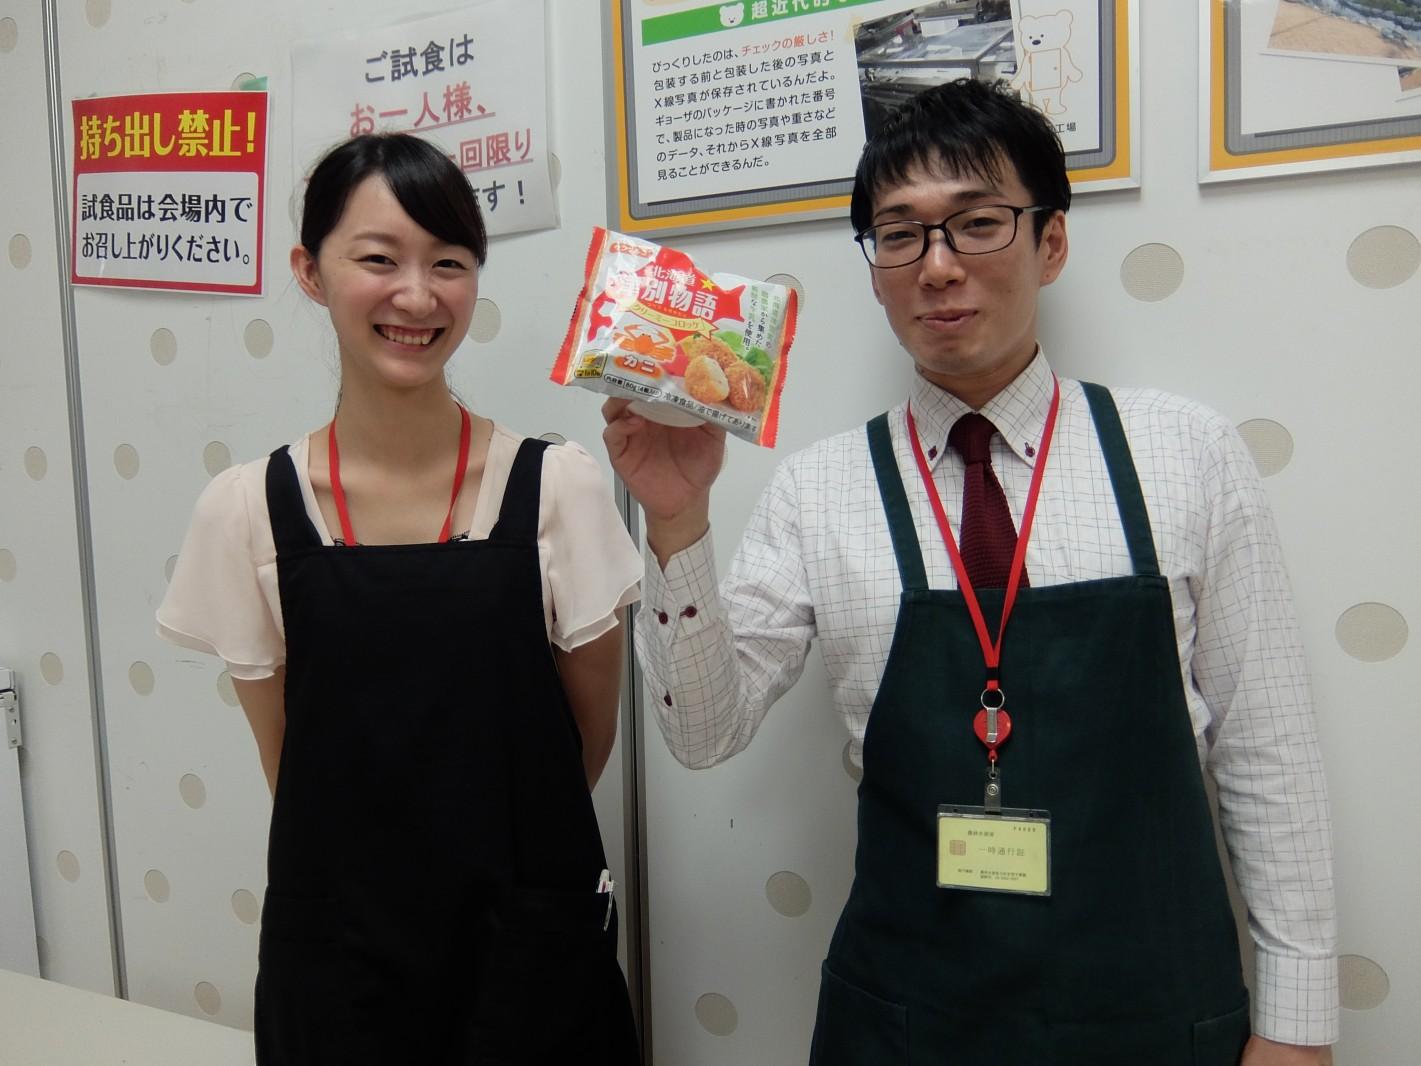 農水省「消費者の部屋」 冷凍食品の特別展示! 昼に試食できます!